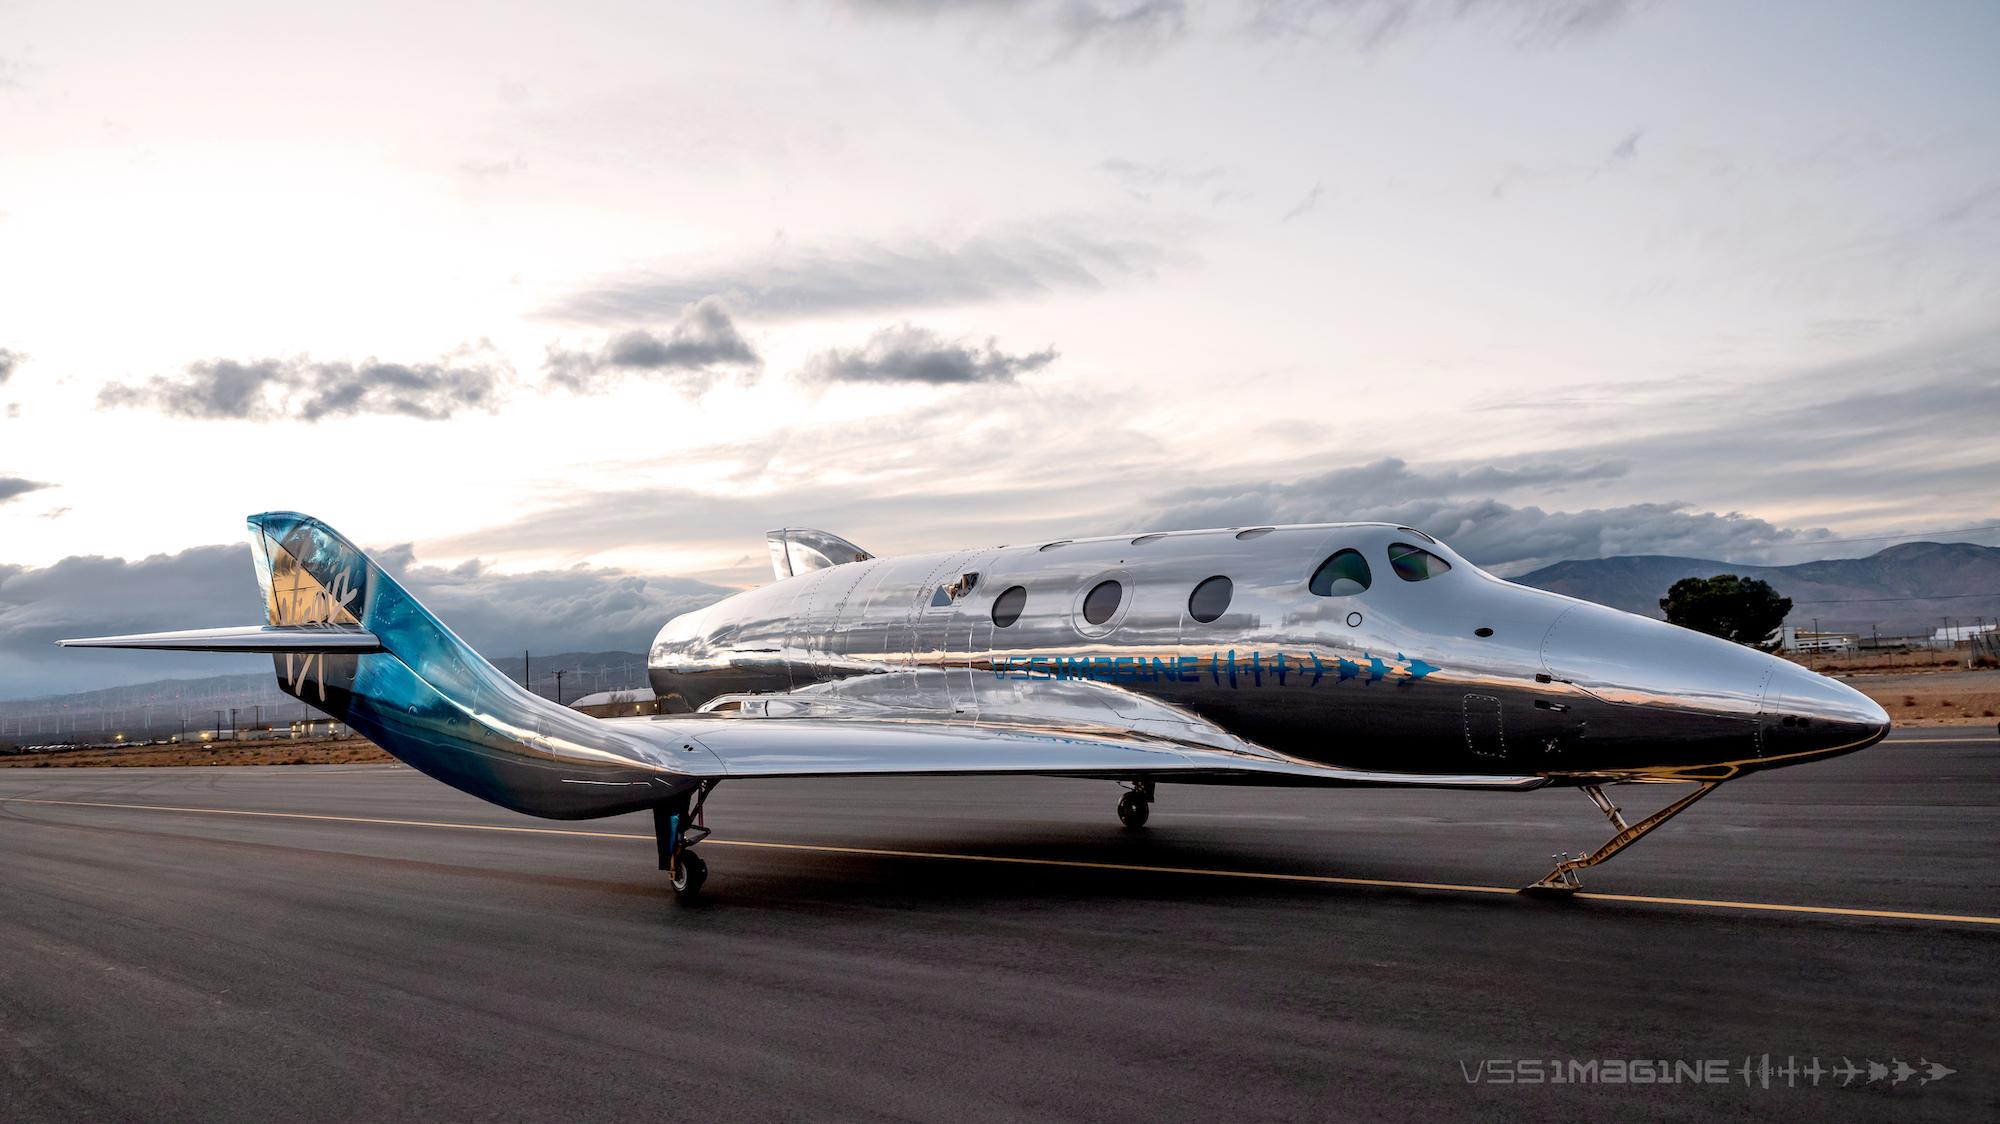 VSS Imagine on a runway.